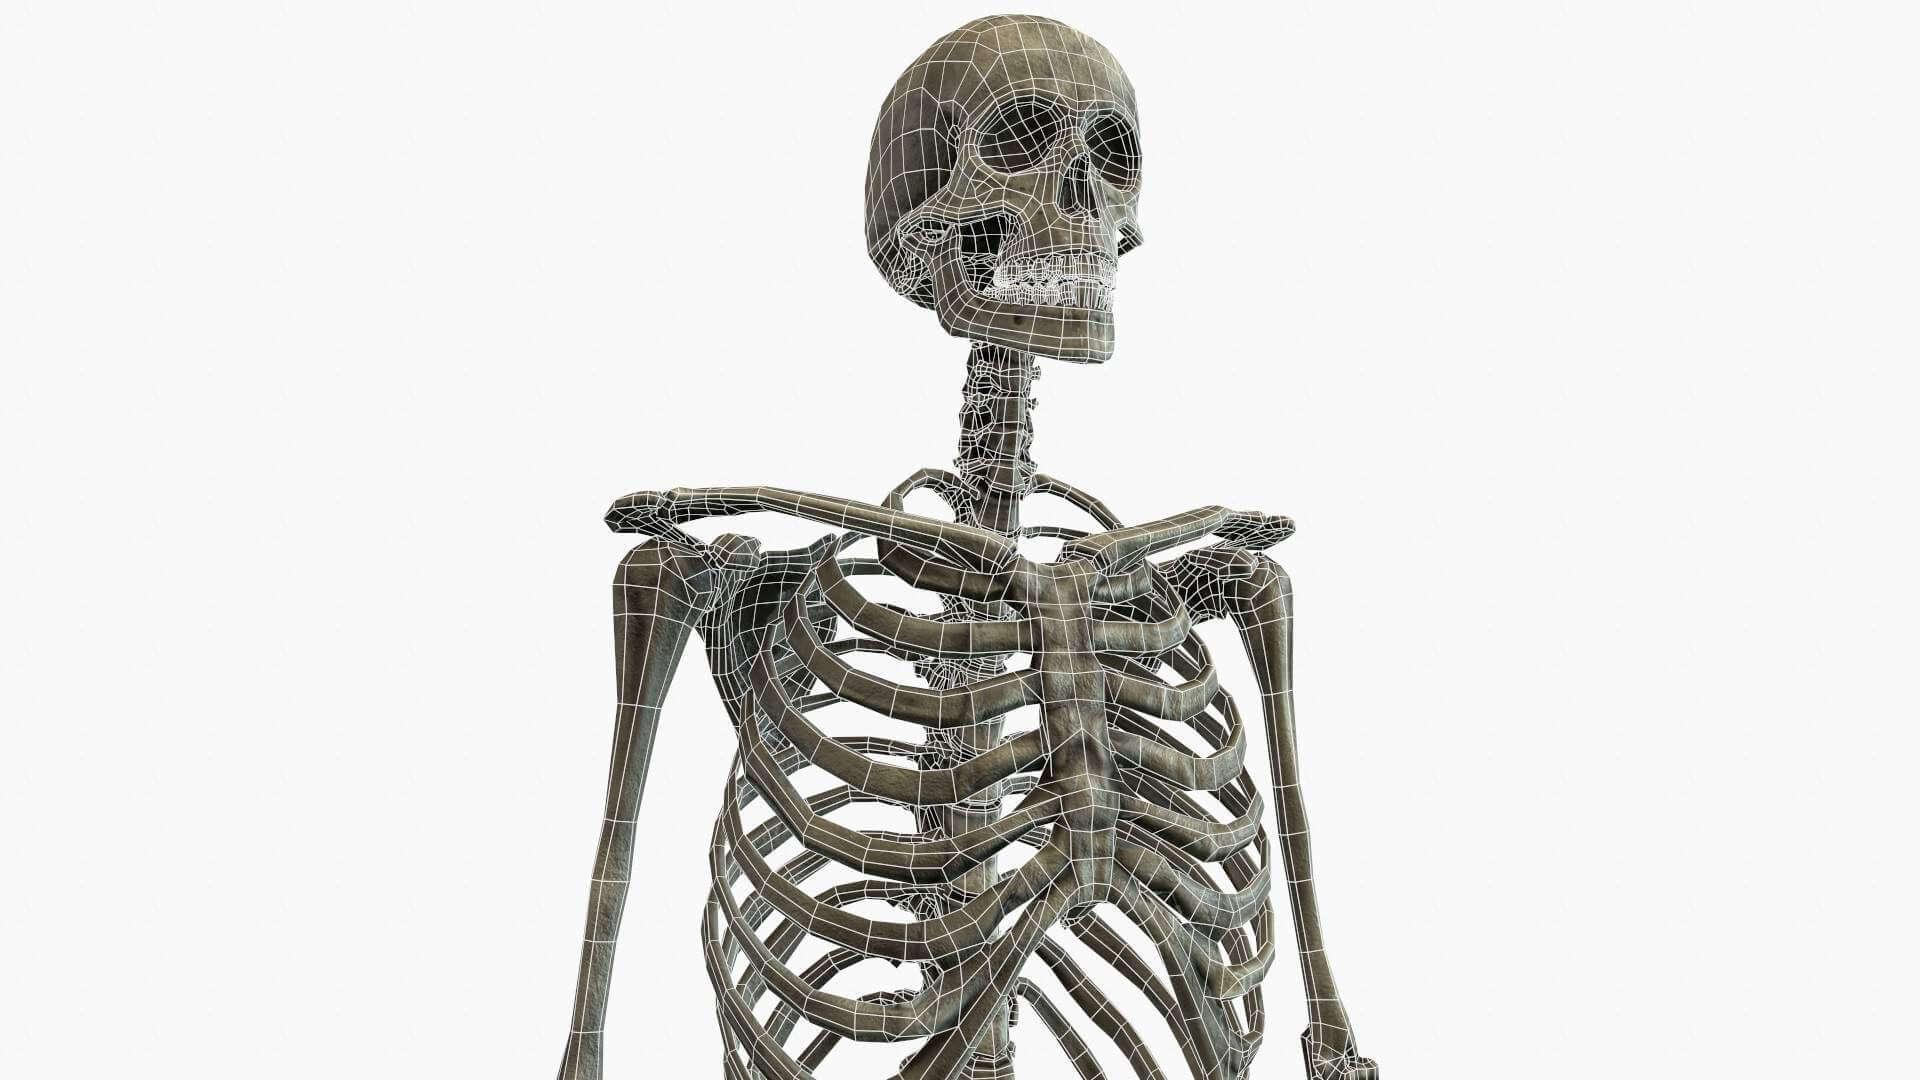 в свердловской области скелет с тремя фотографиями все-таки каждой девушке